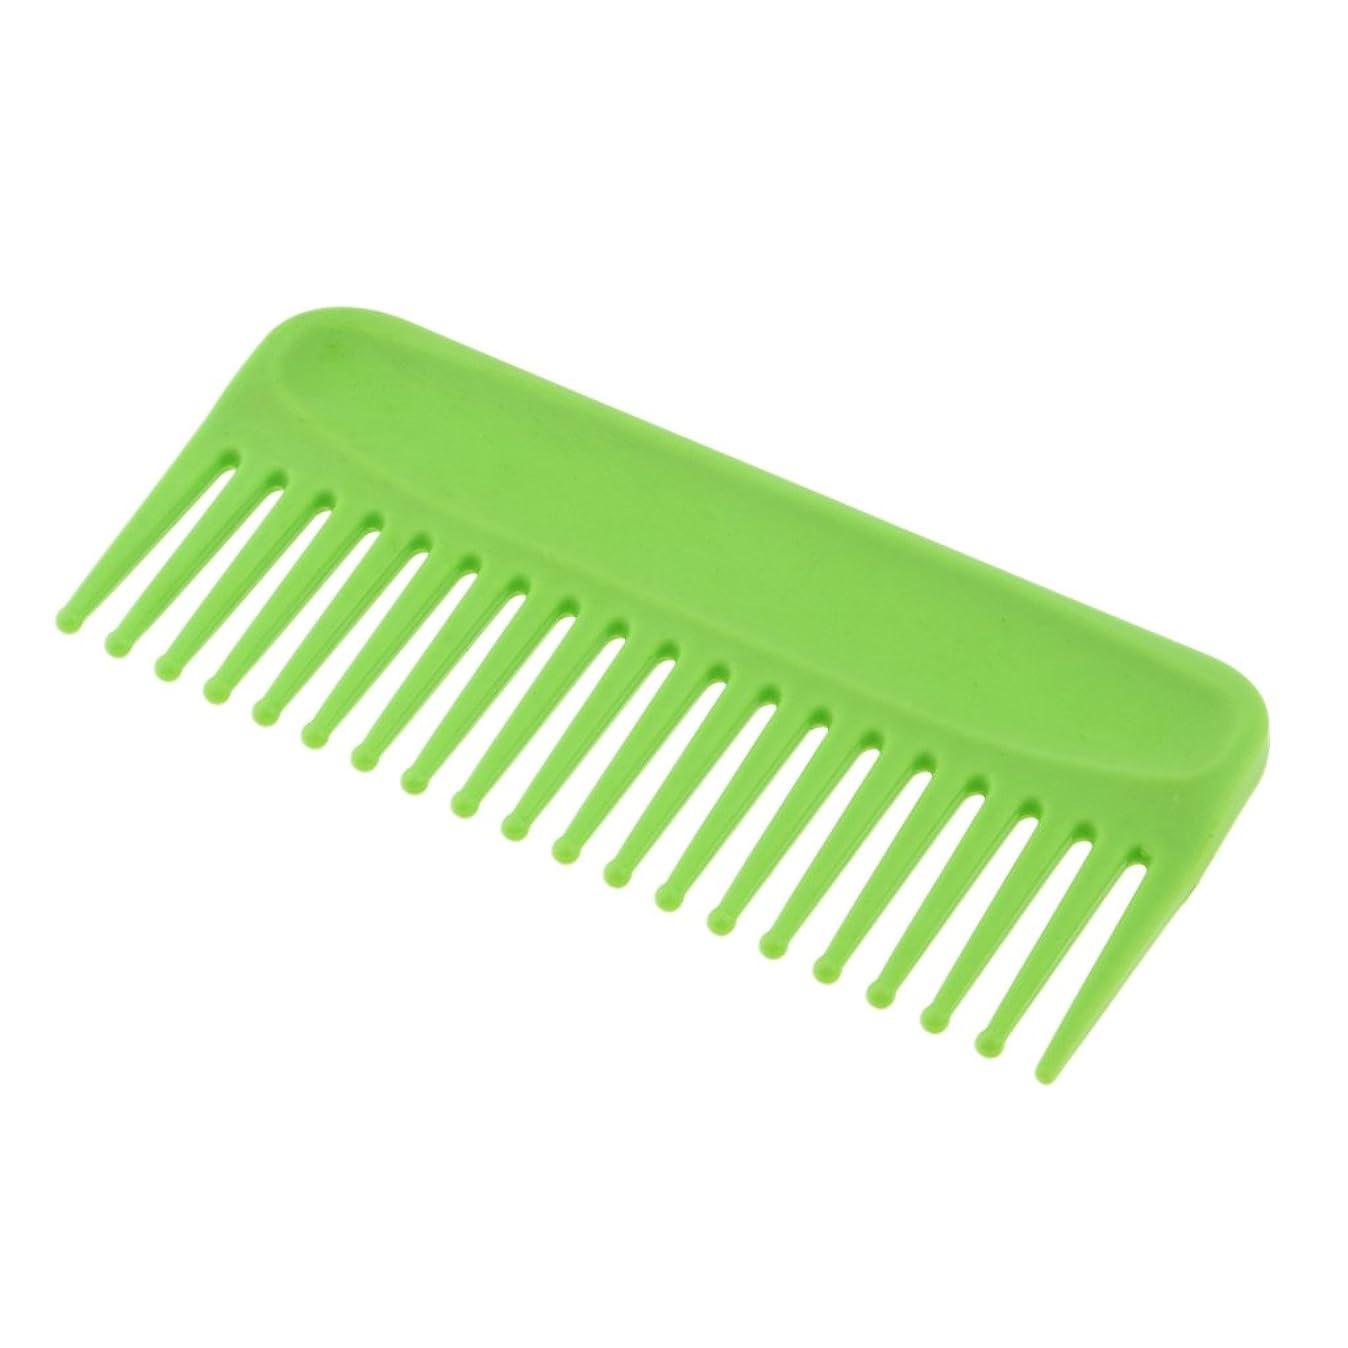 石油スムーズに白雪姫Baosity ヘアコーム コーム くし 頭皮 マッサージ 耐熱性 帯電防止 プラスチック性 ヘアスタイリング 4色選べる - 緑